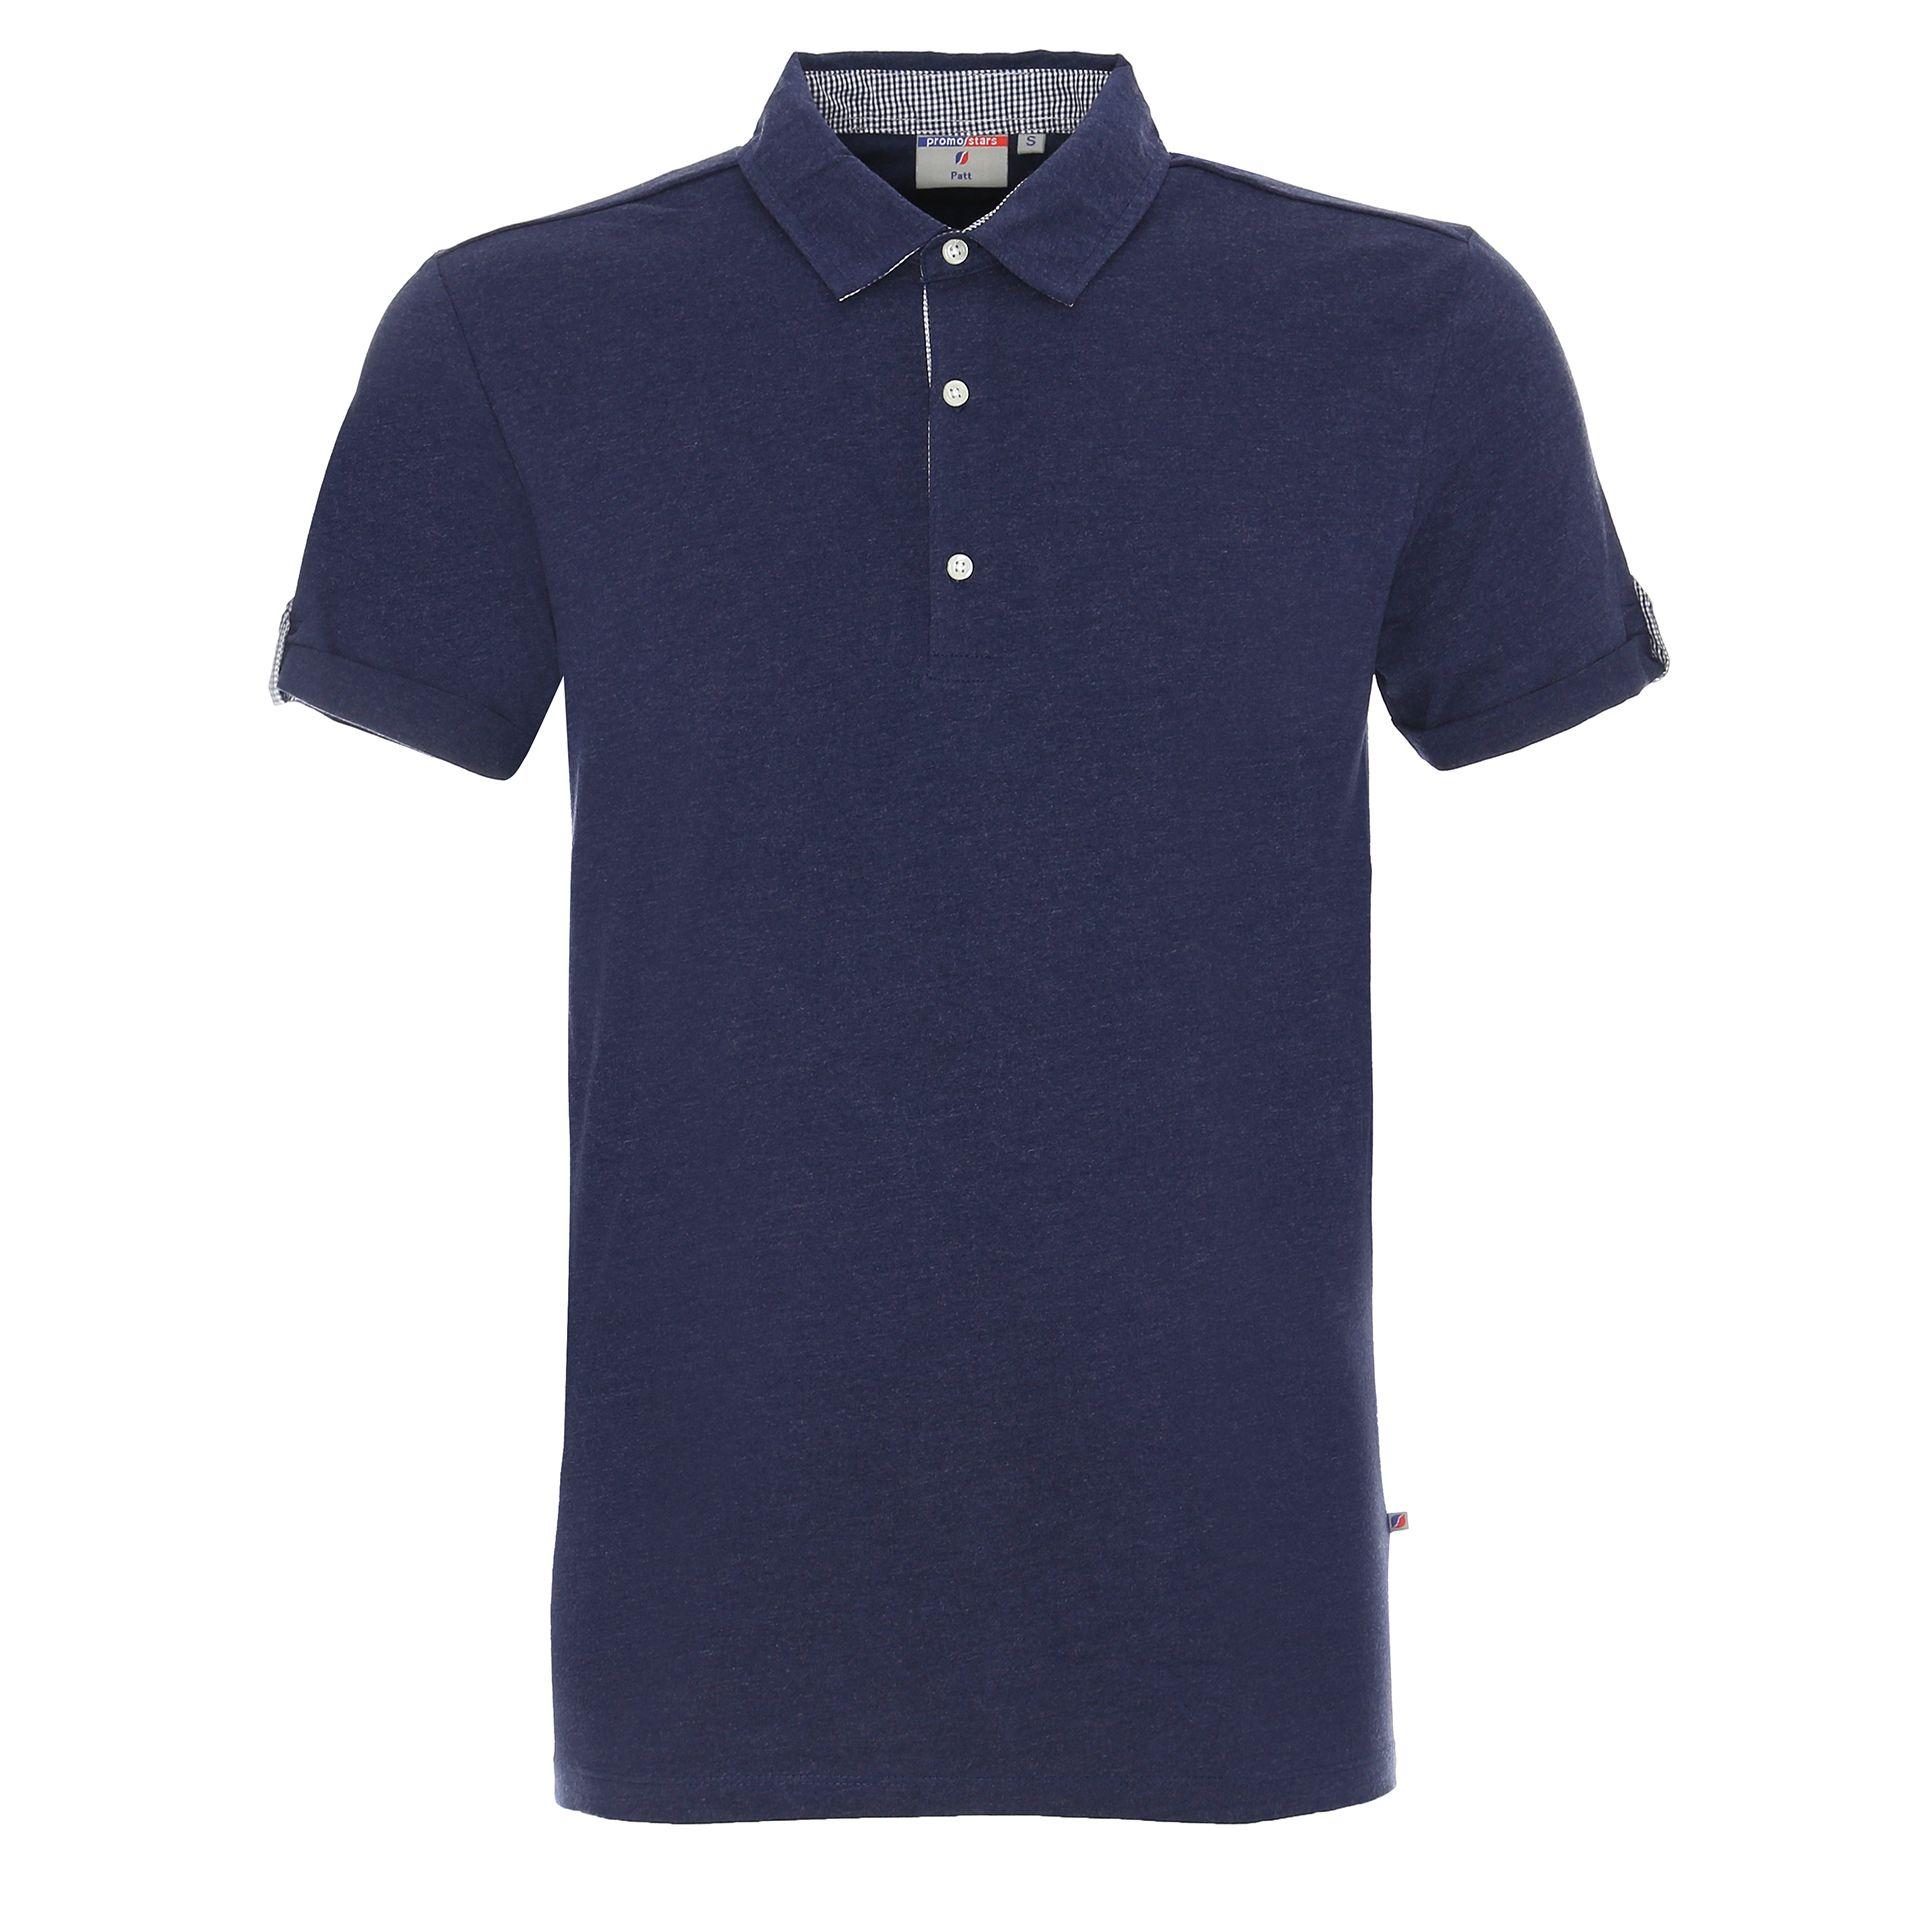 Koszulka reklamowa Polo patt